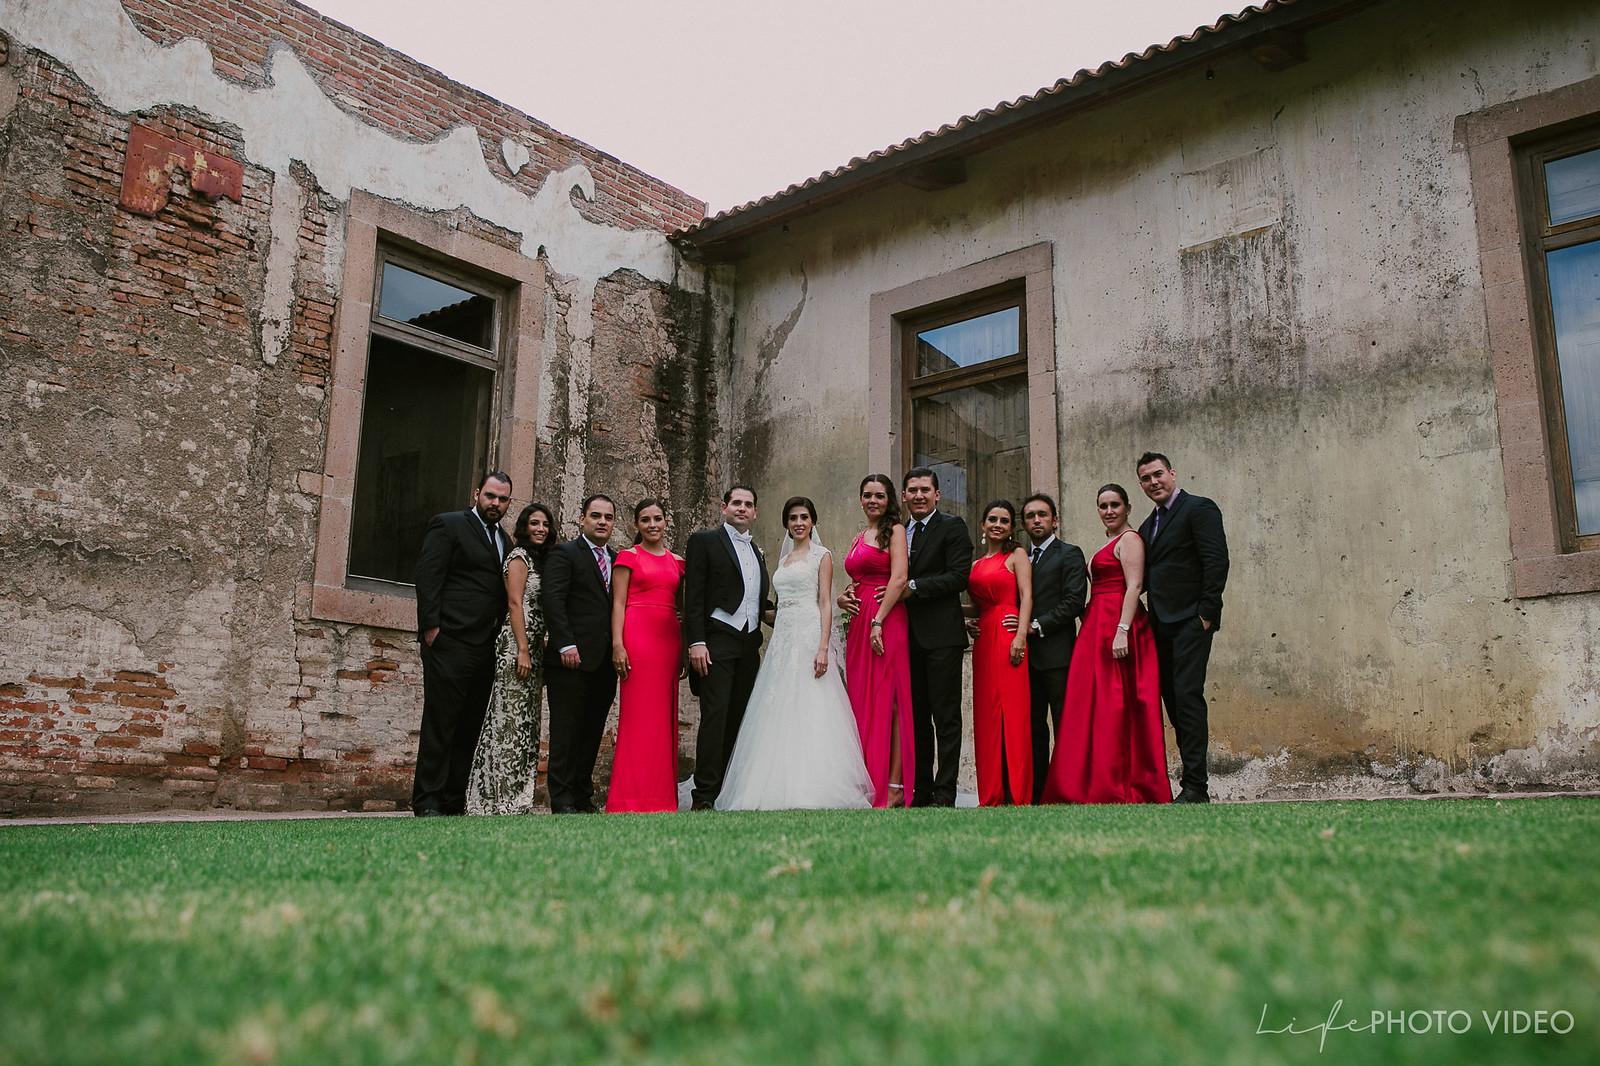 Boda_Leon_Guanajuato_Wedding_0051